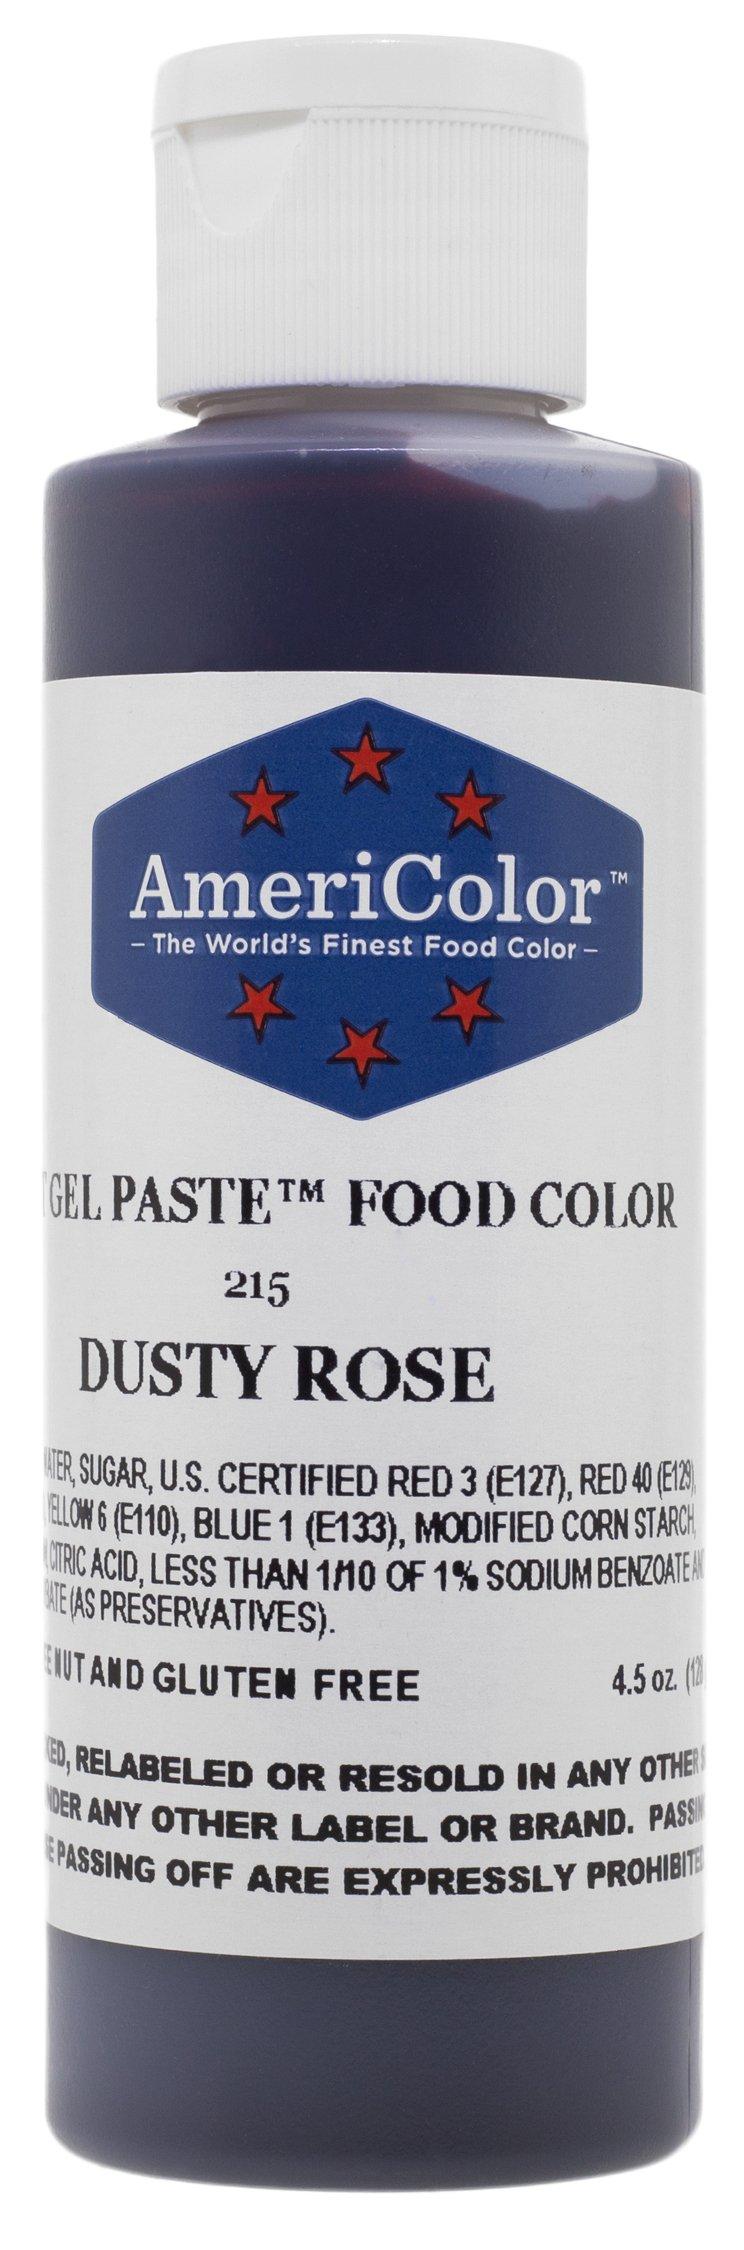 Americolor Dusty Rose Soft Gel Paste 4.5 Ounces